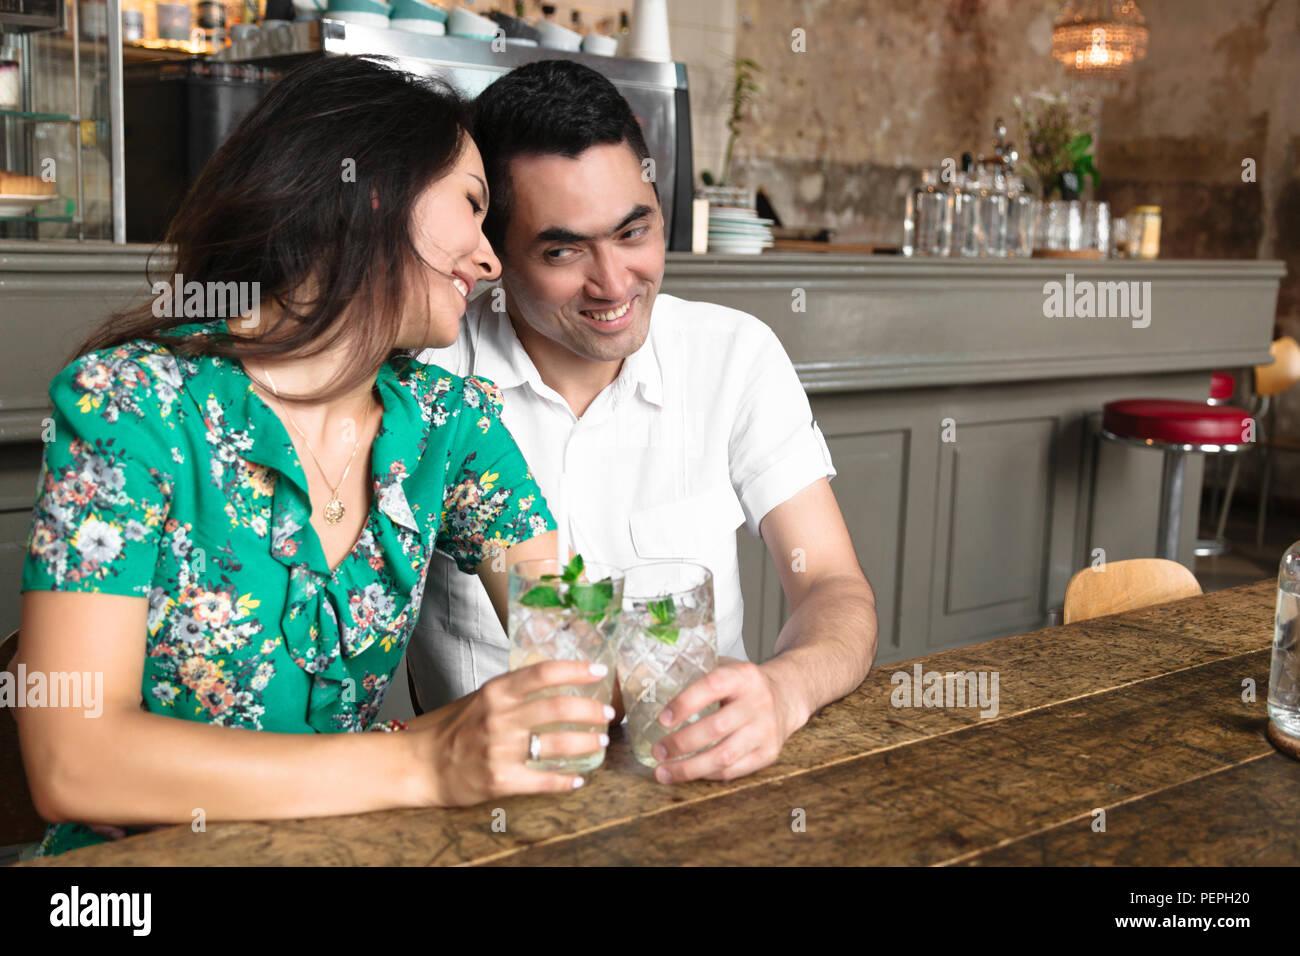 Beau couple dans chaque d'autres yeux Photo Stock